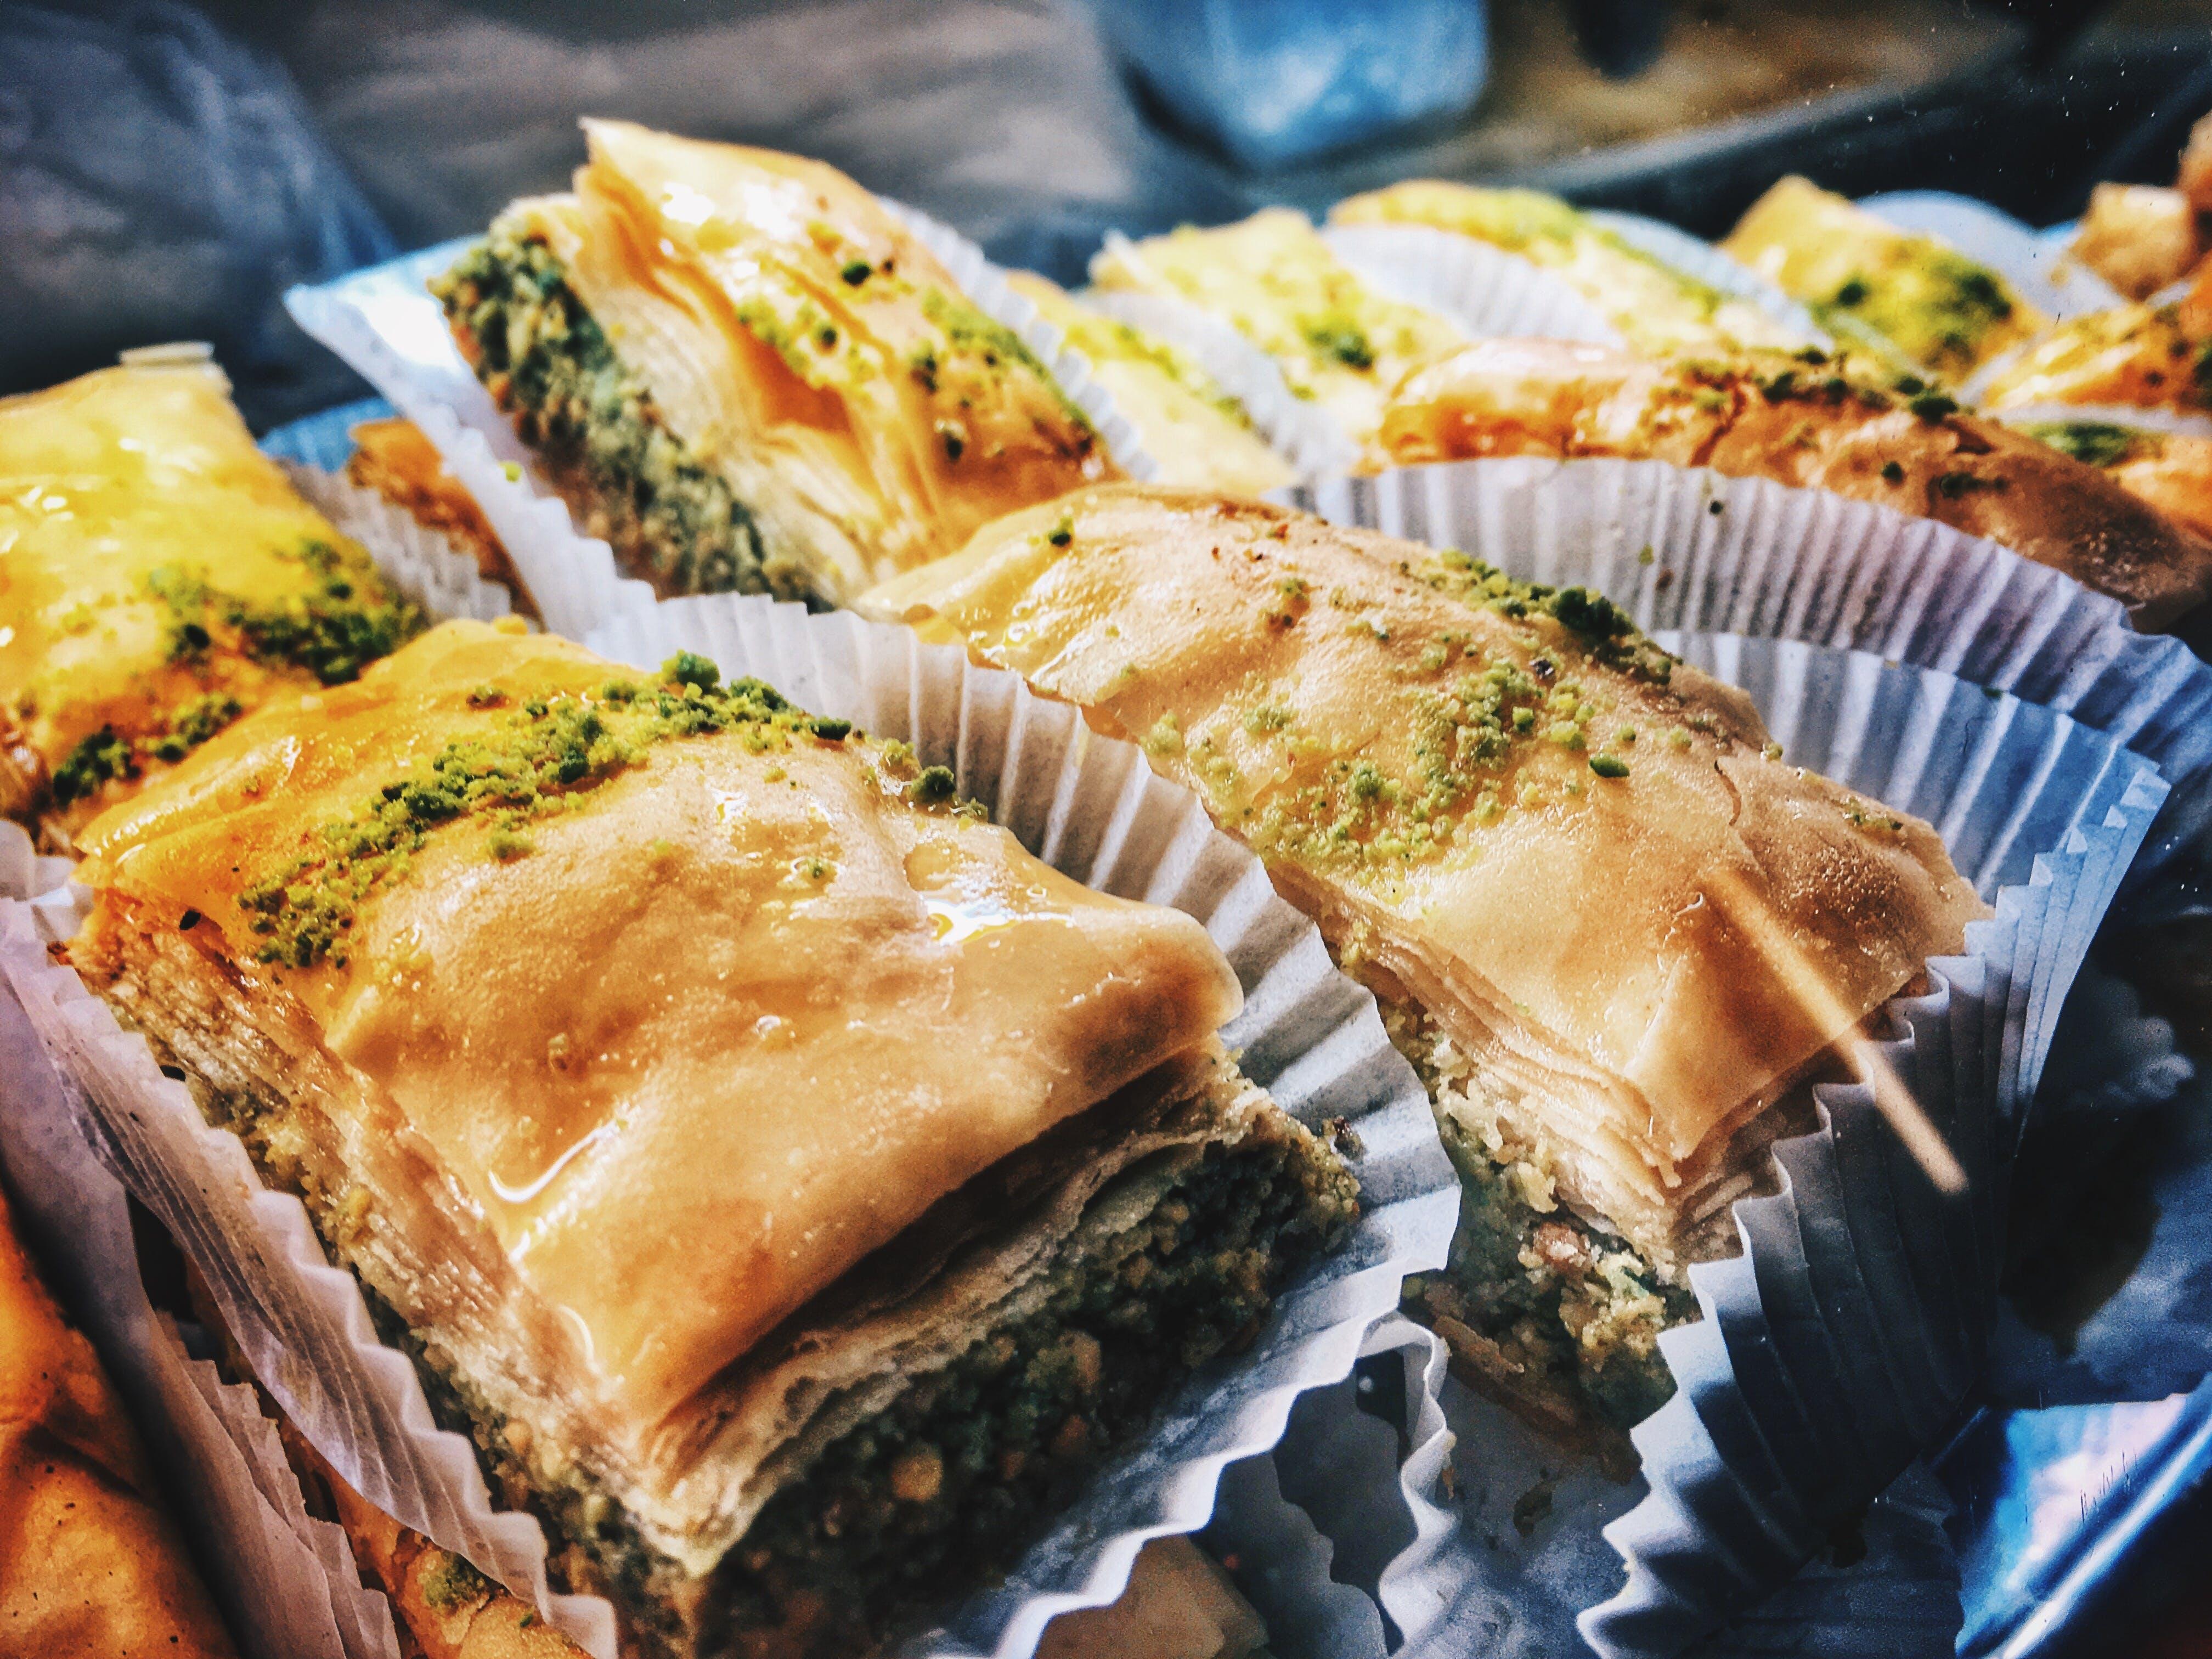 Gratis lagerfoto af lækkerier, mad, mad porno, tyrkisk